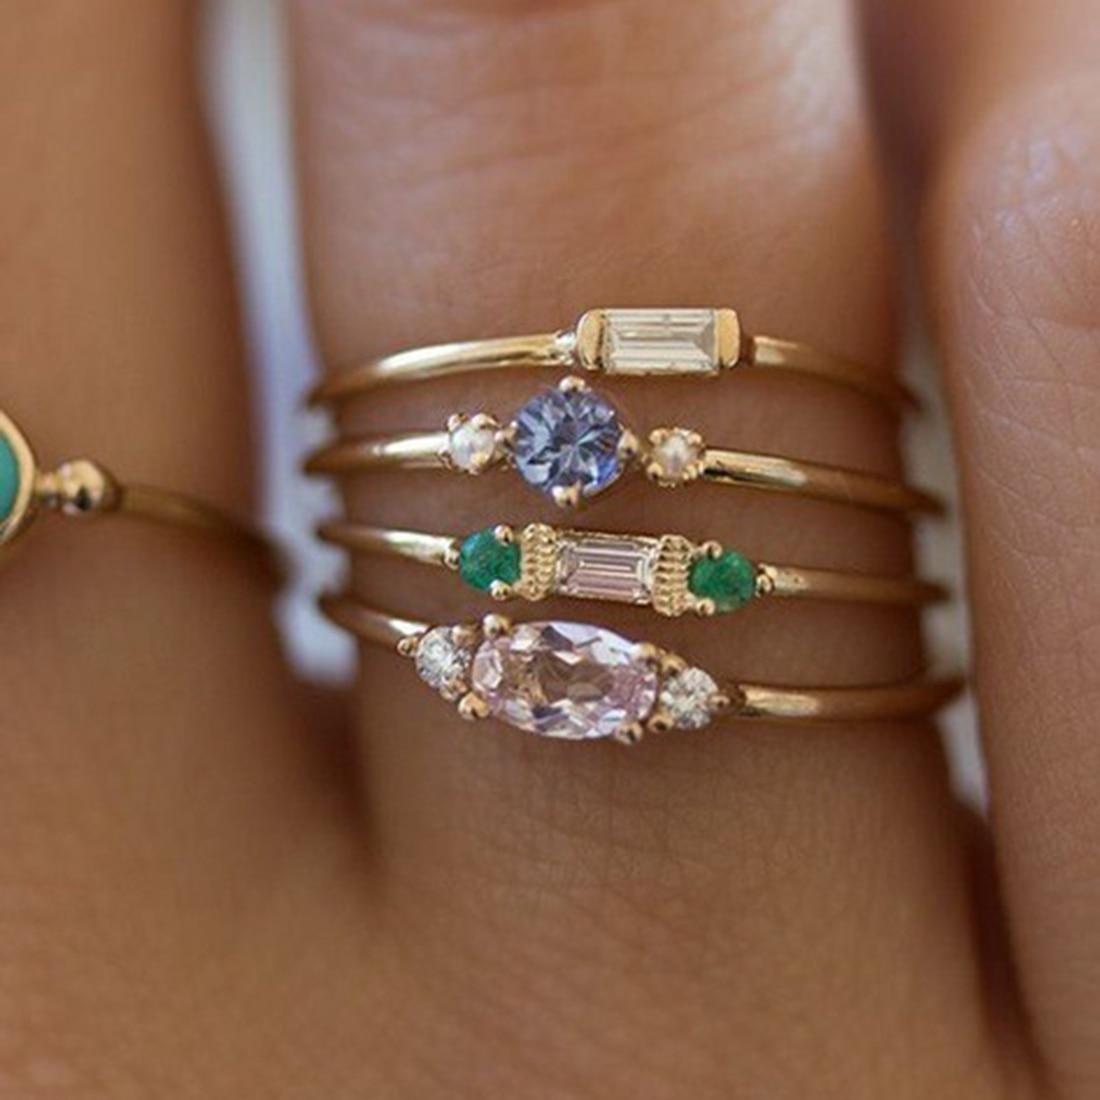 Mode 4 teile/satz Gold Farbe Beschichtung Einfache Boho Ringe Frauen Zirkon böhmischen Engagement Ringe